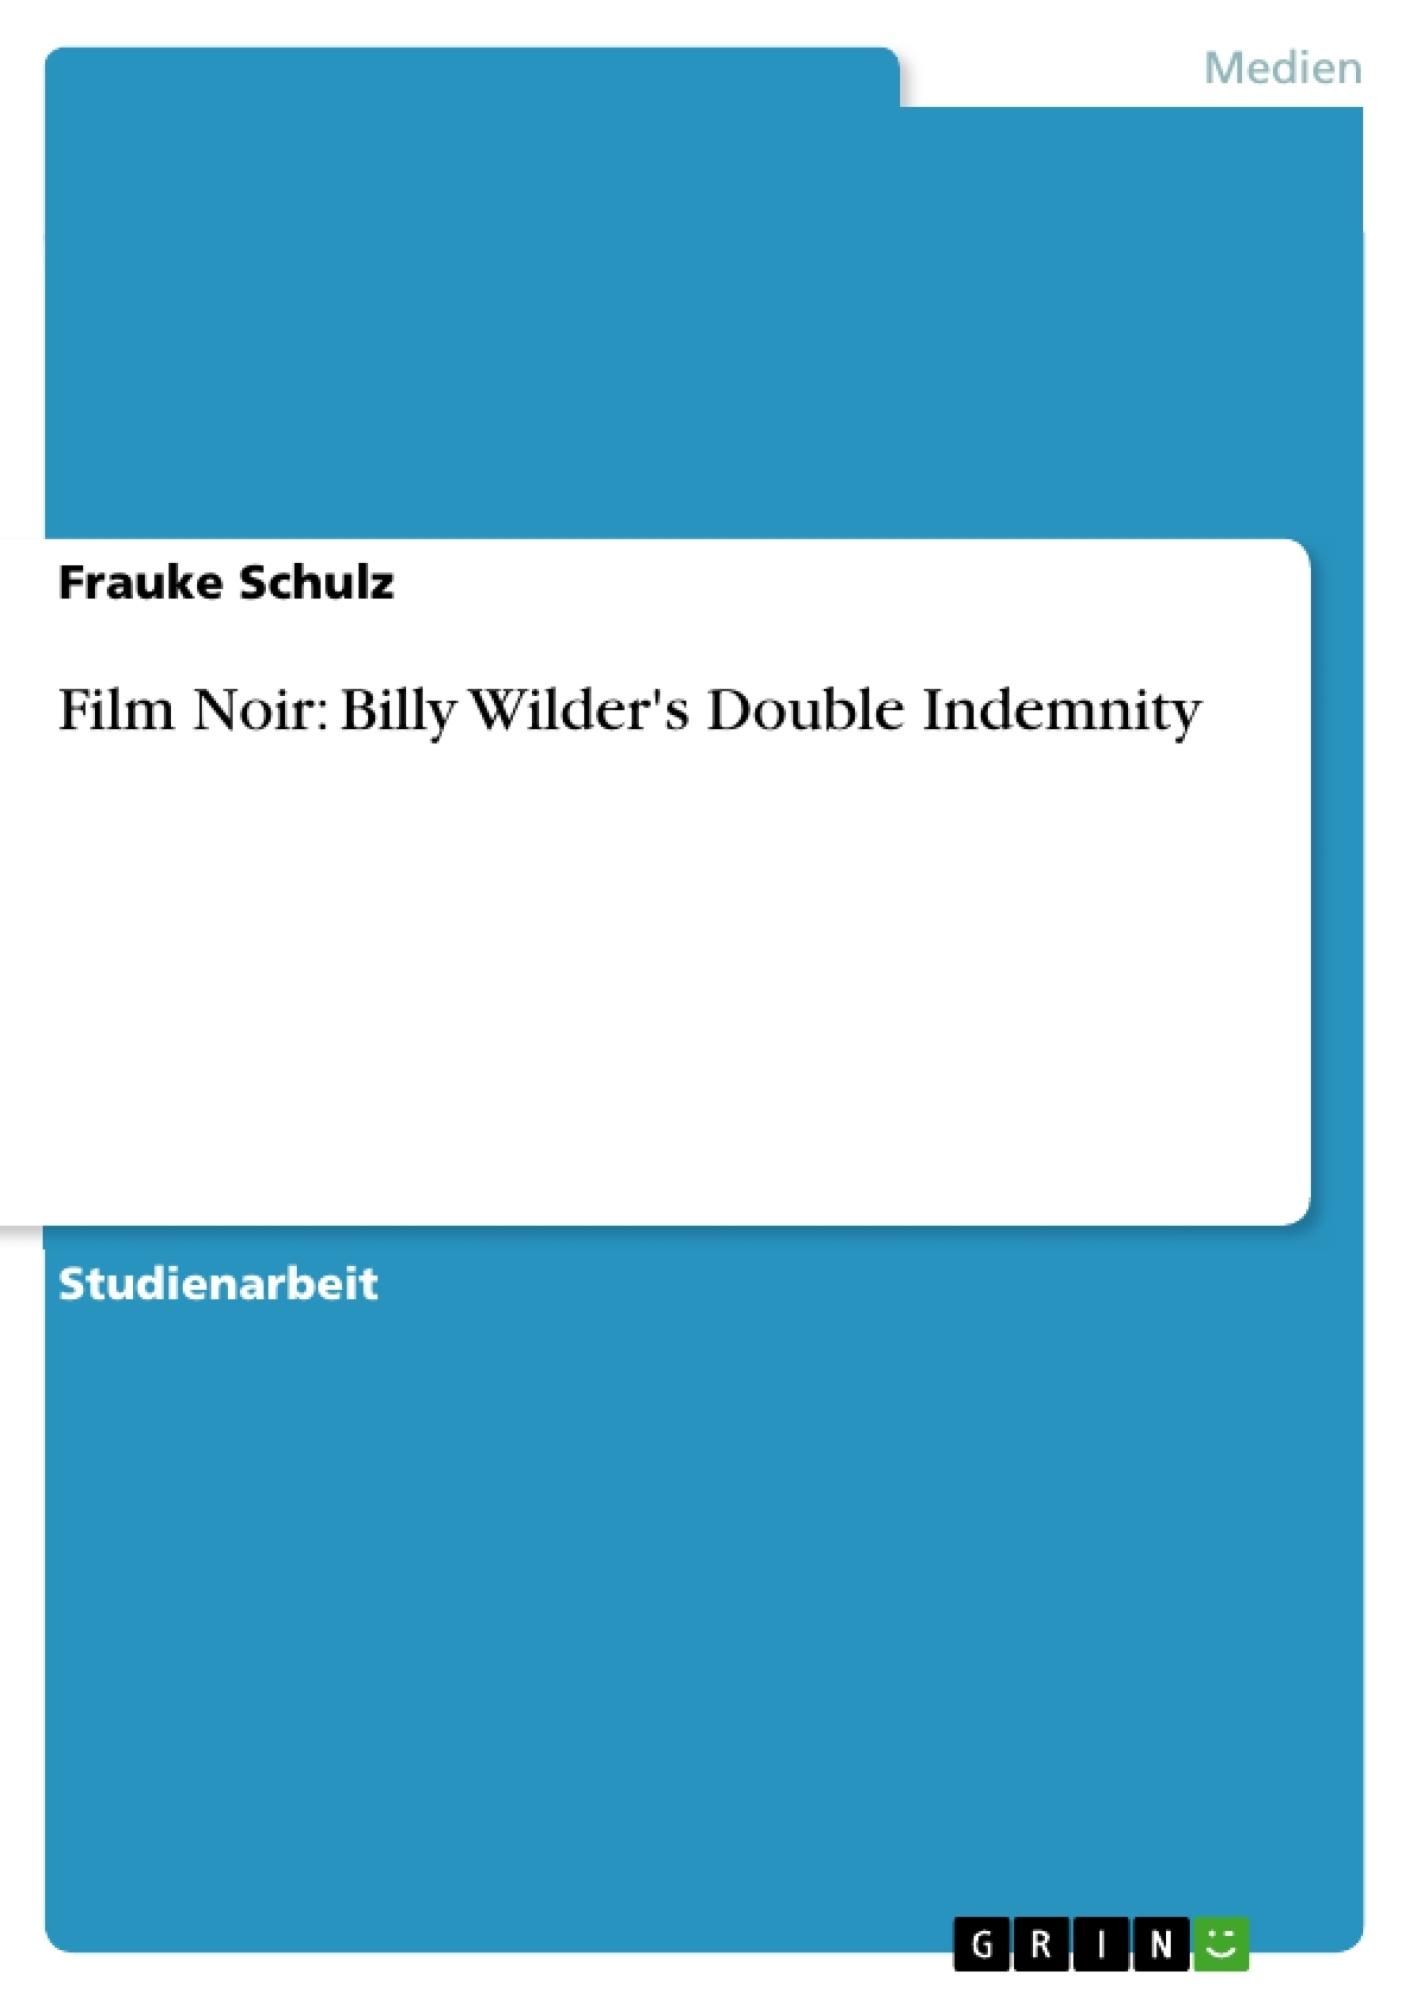 Titel: Film Noir: Billy Wilder's Double Indemnity